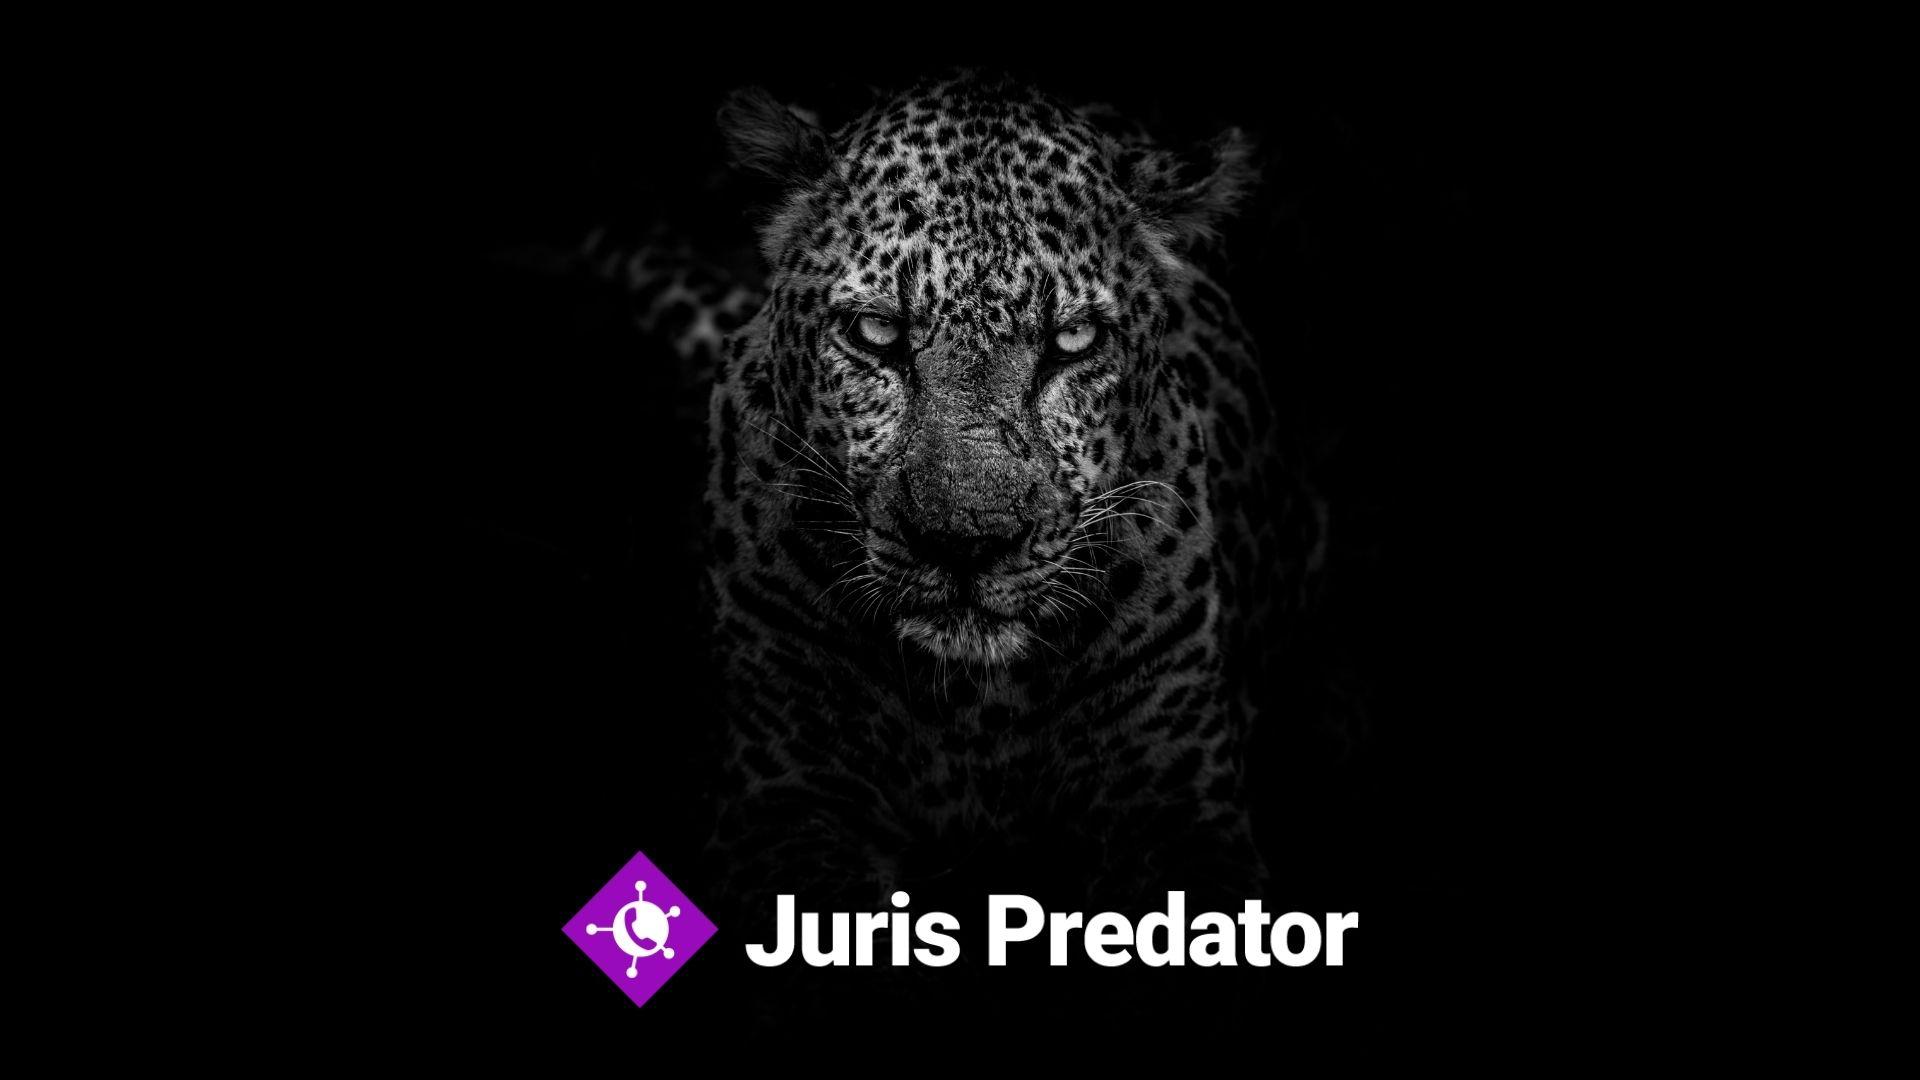 juris predator, outbound call centre solution, predictive dialling, auto dialler, call cantre solution